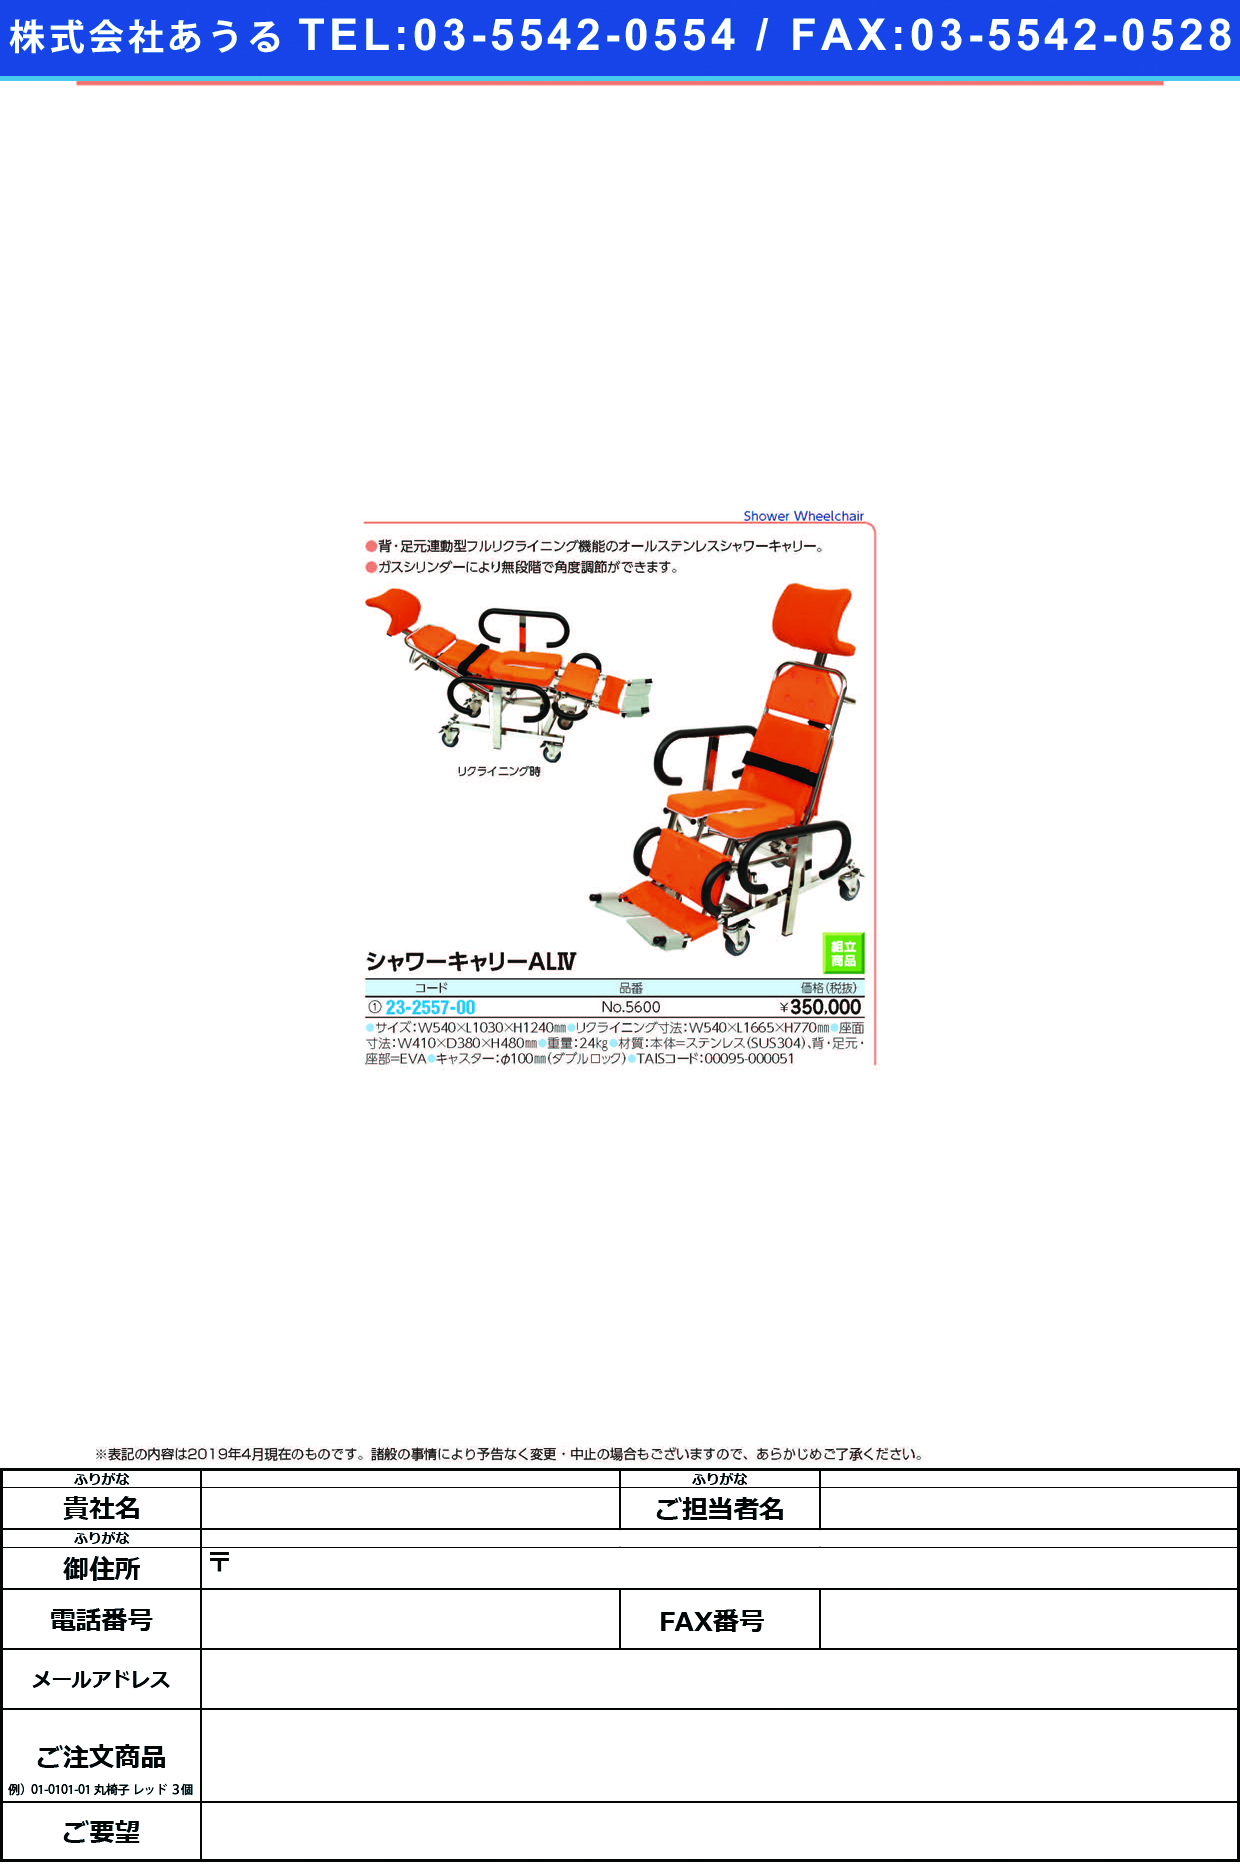 (23-2557-00)リクライニングシャワーキャリーALⅣ NO.5600 リクライニングシャワーキャリーAL4【1台単位】【2019年カタログ商品】